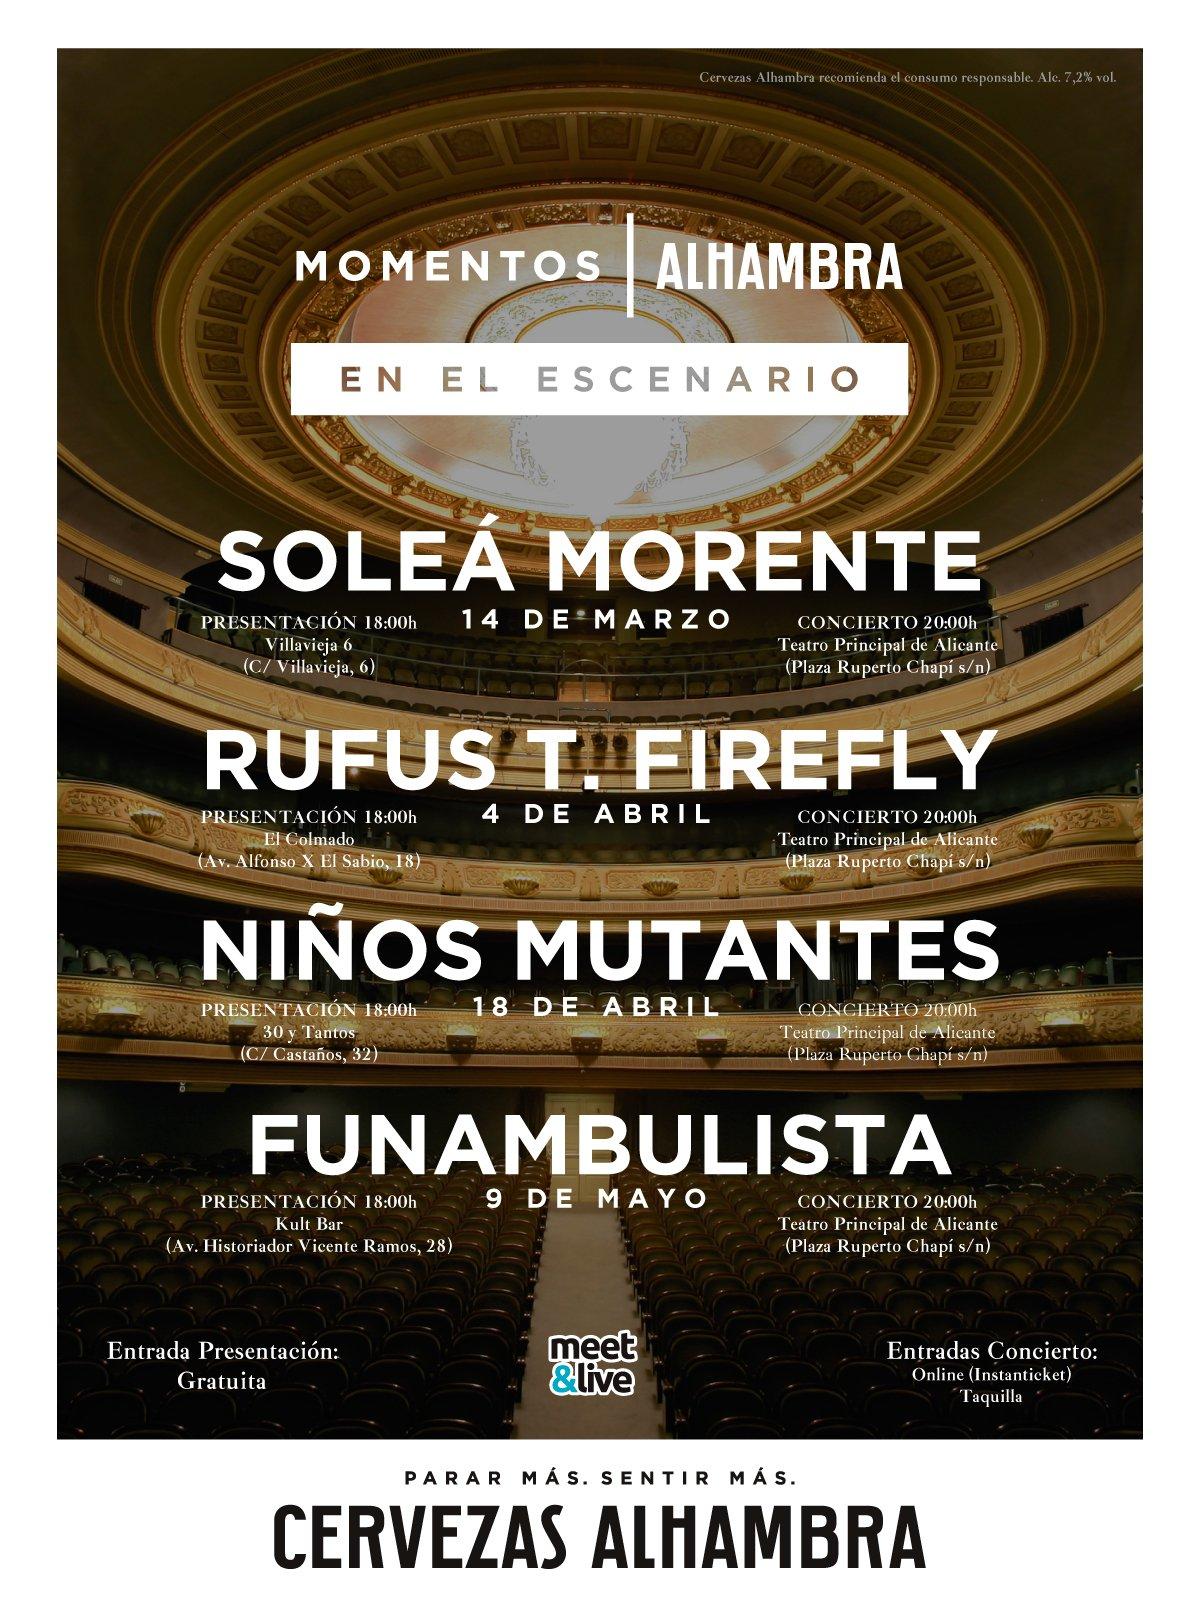 Momentos | Alhambra En el Escenario